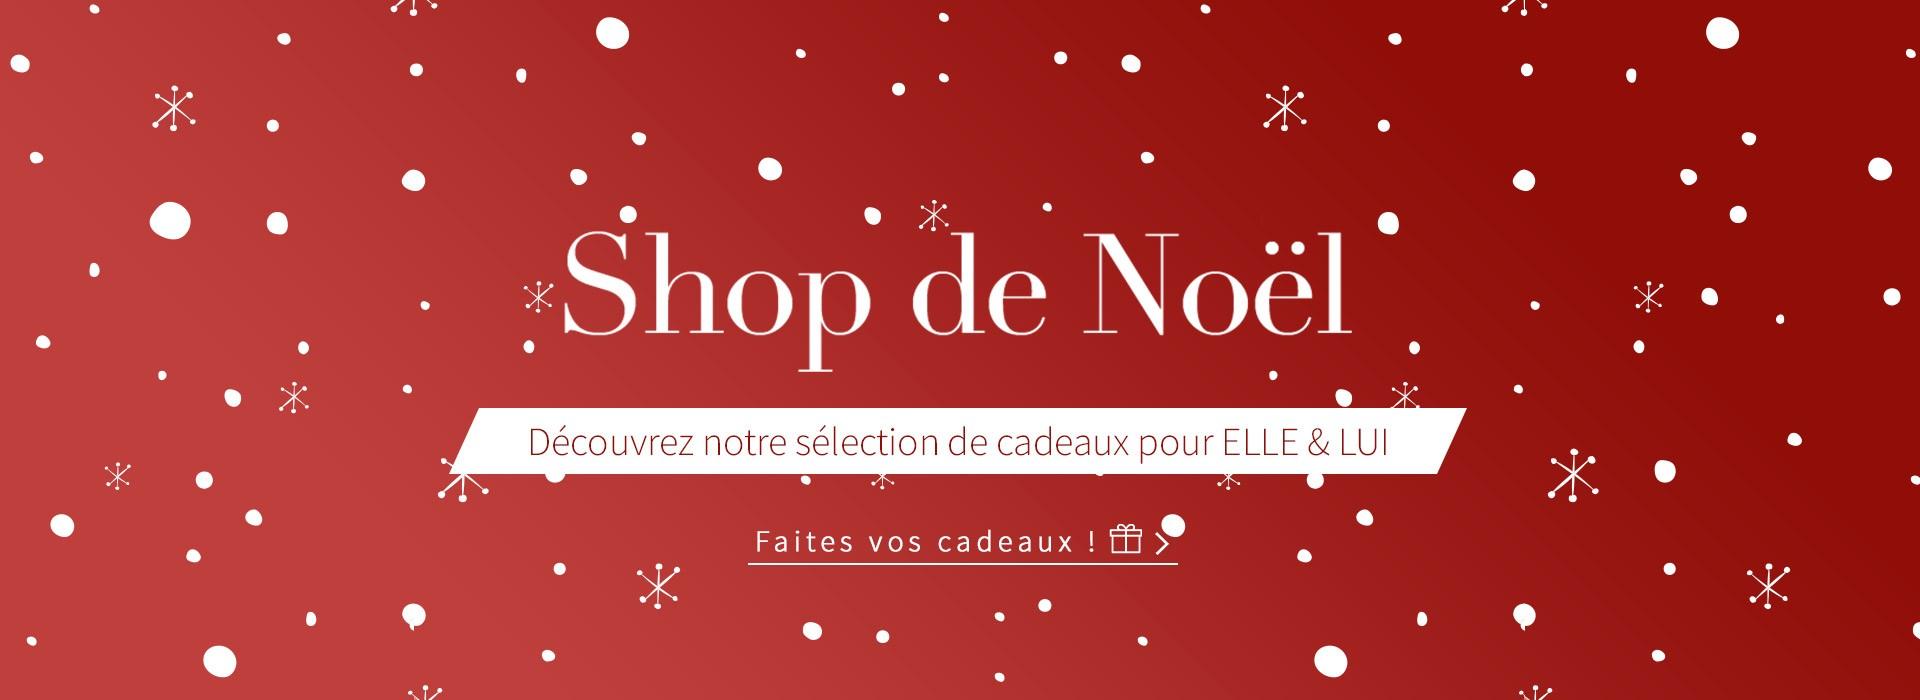 Shop de Noël